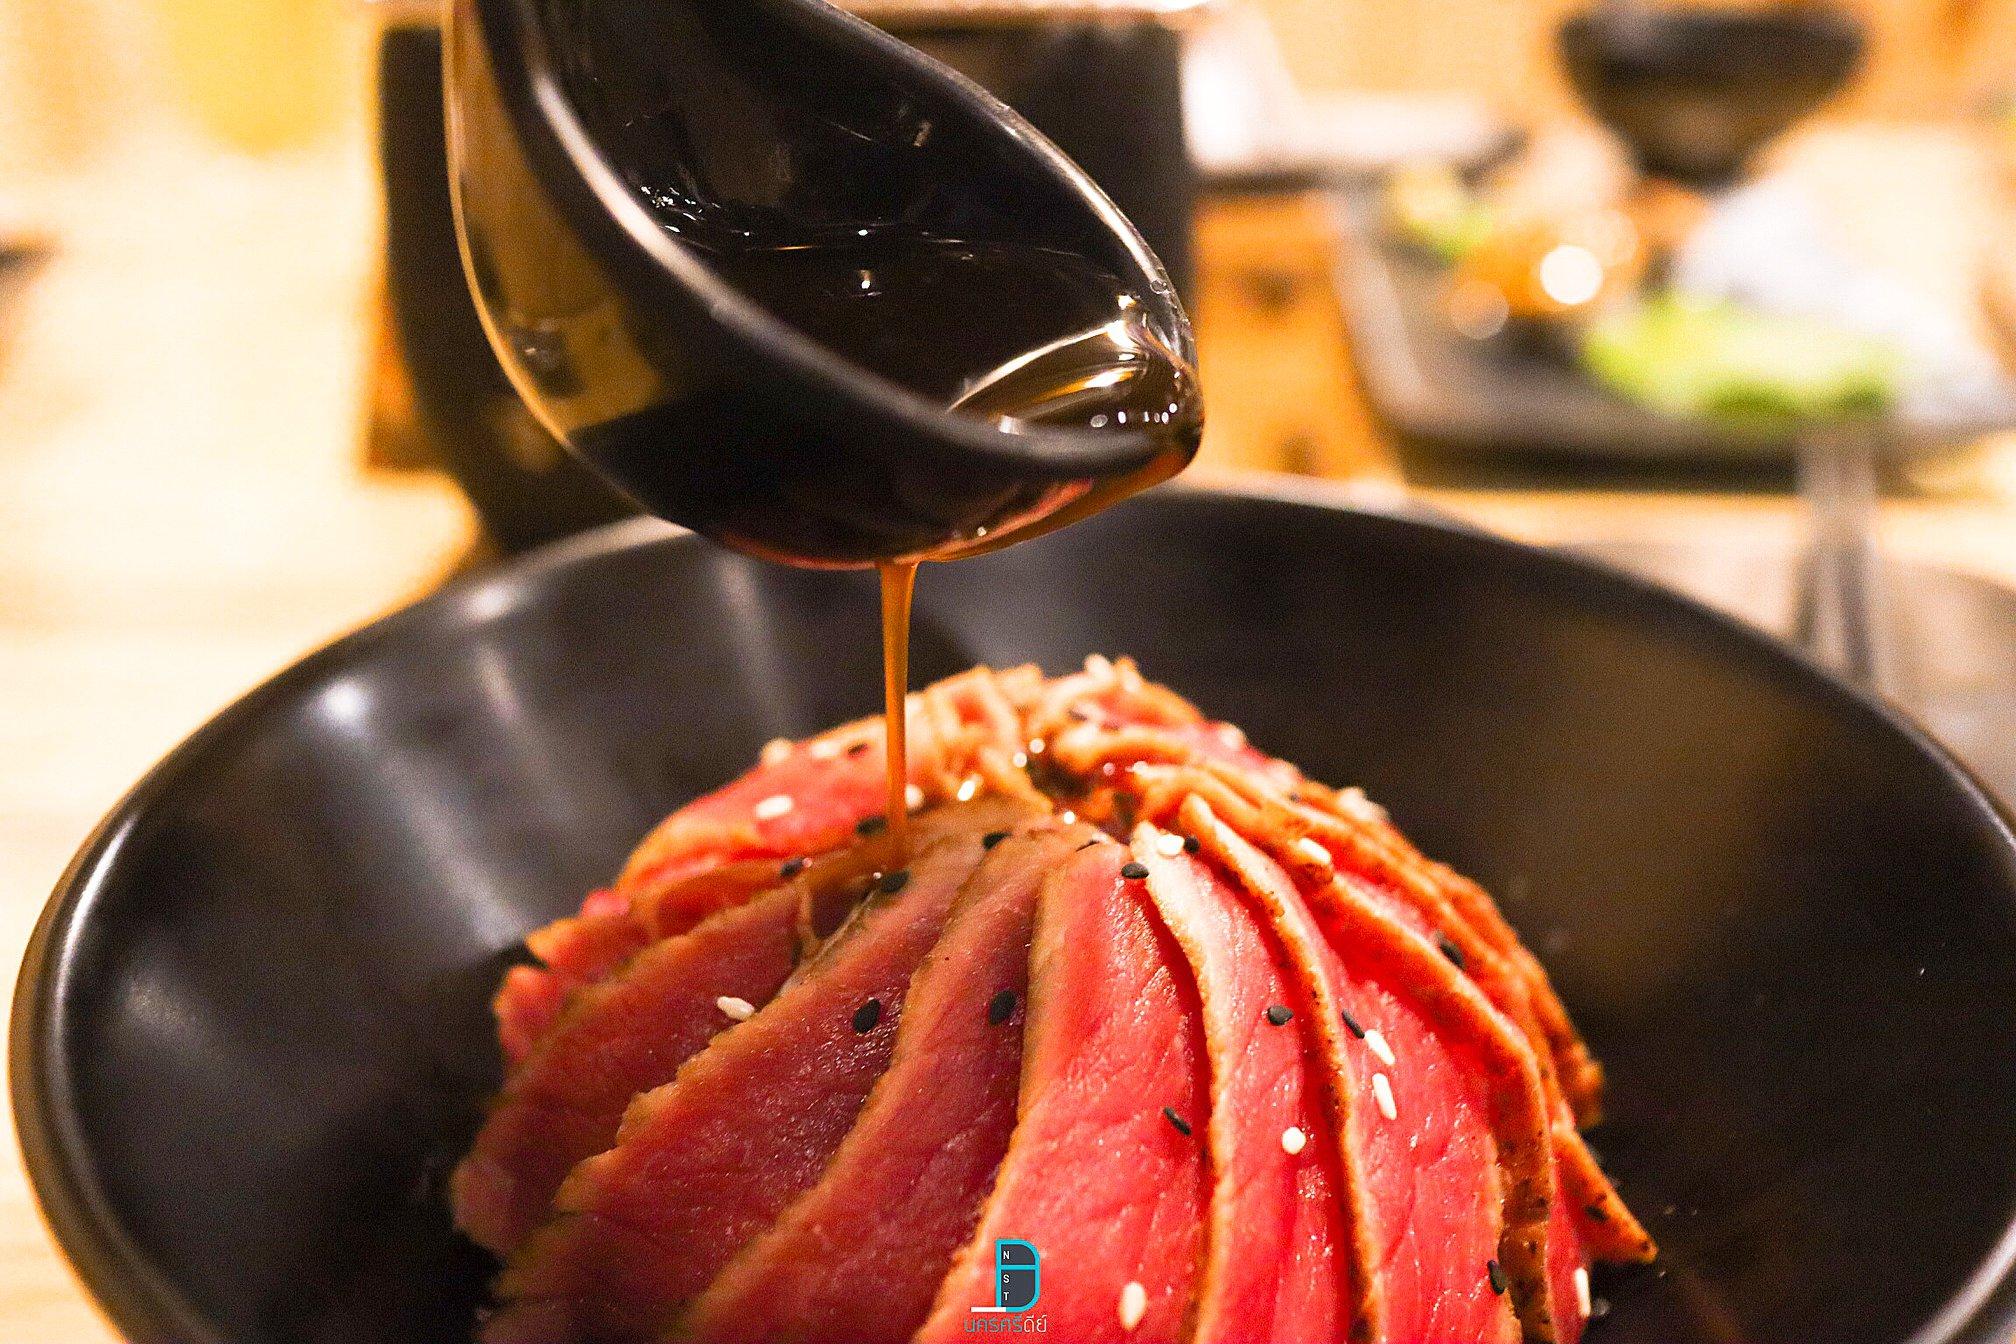 Ginza Izakaya กินซ่า สุดยอดร้านอาหารญี่ปุ่น นครศรีธรรมราช เมนูเด็ดกว่า 100 เมนู นครศรีดีย์